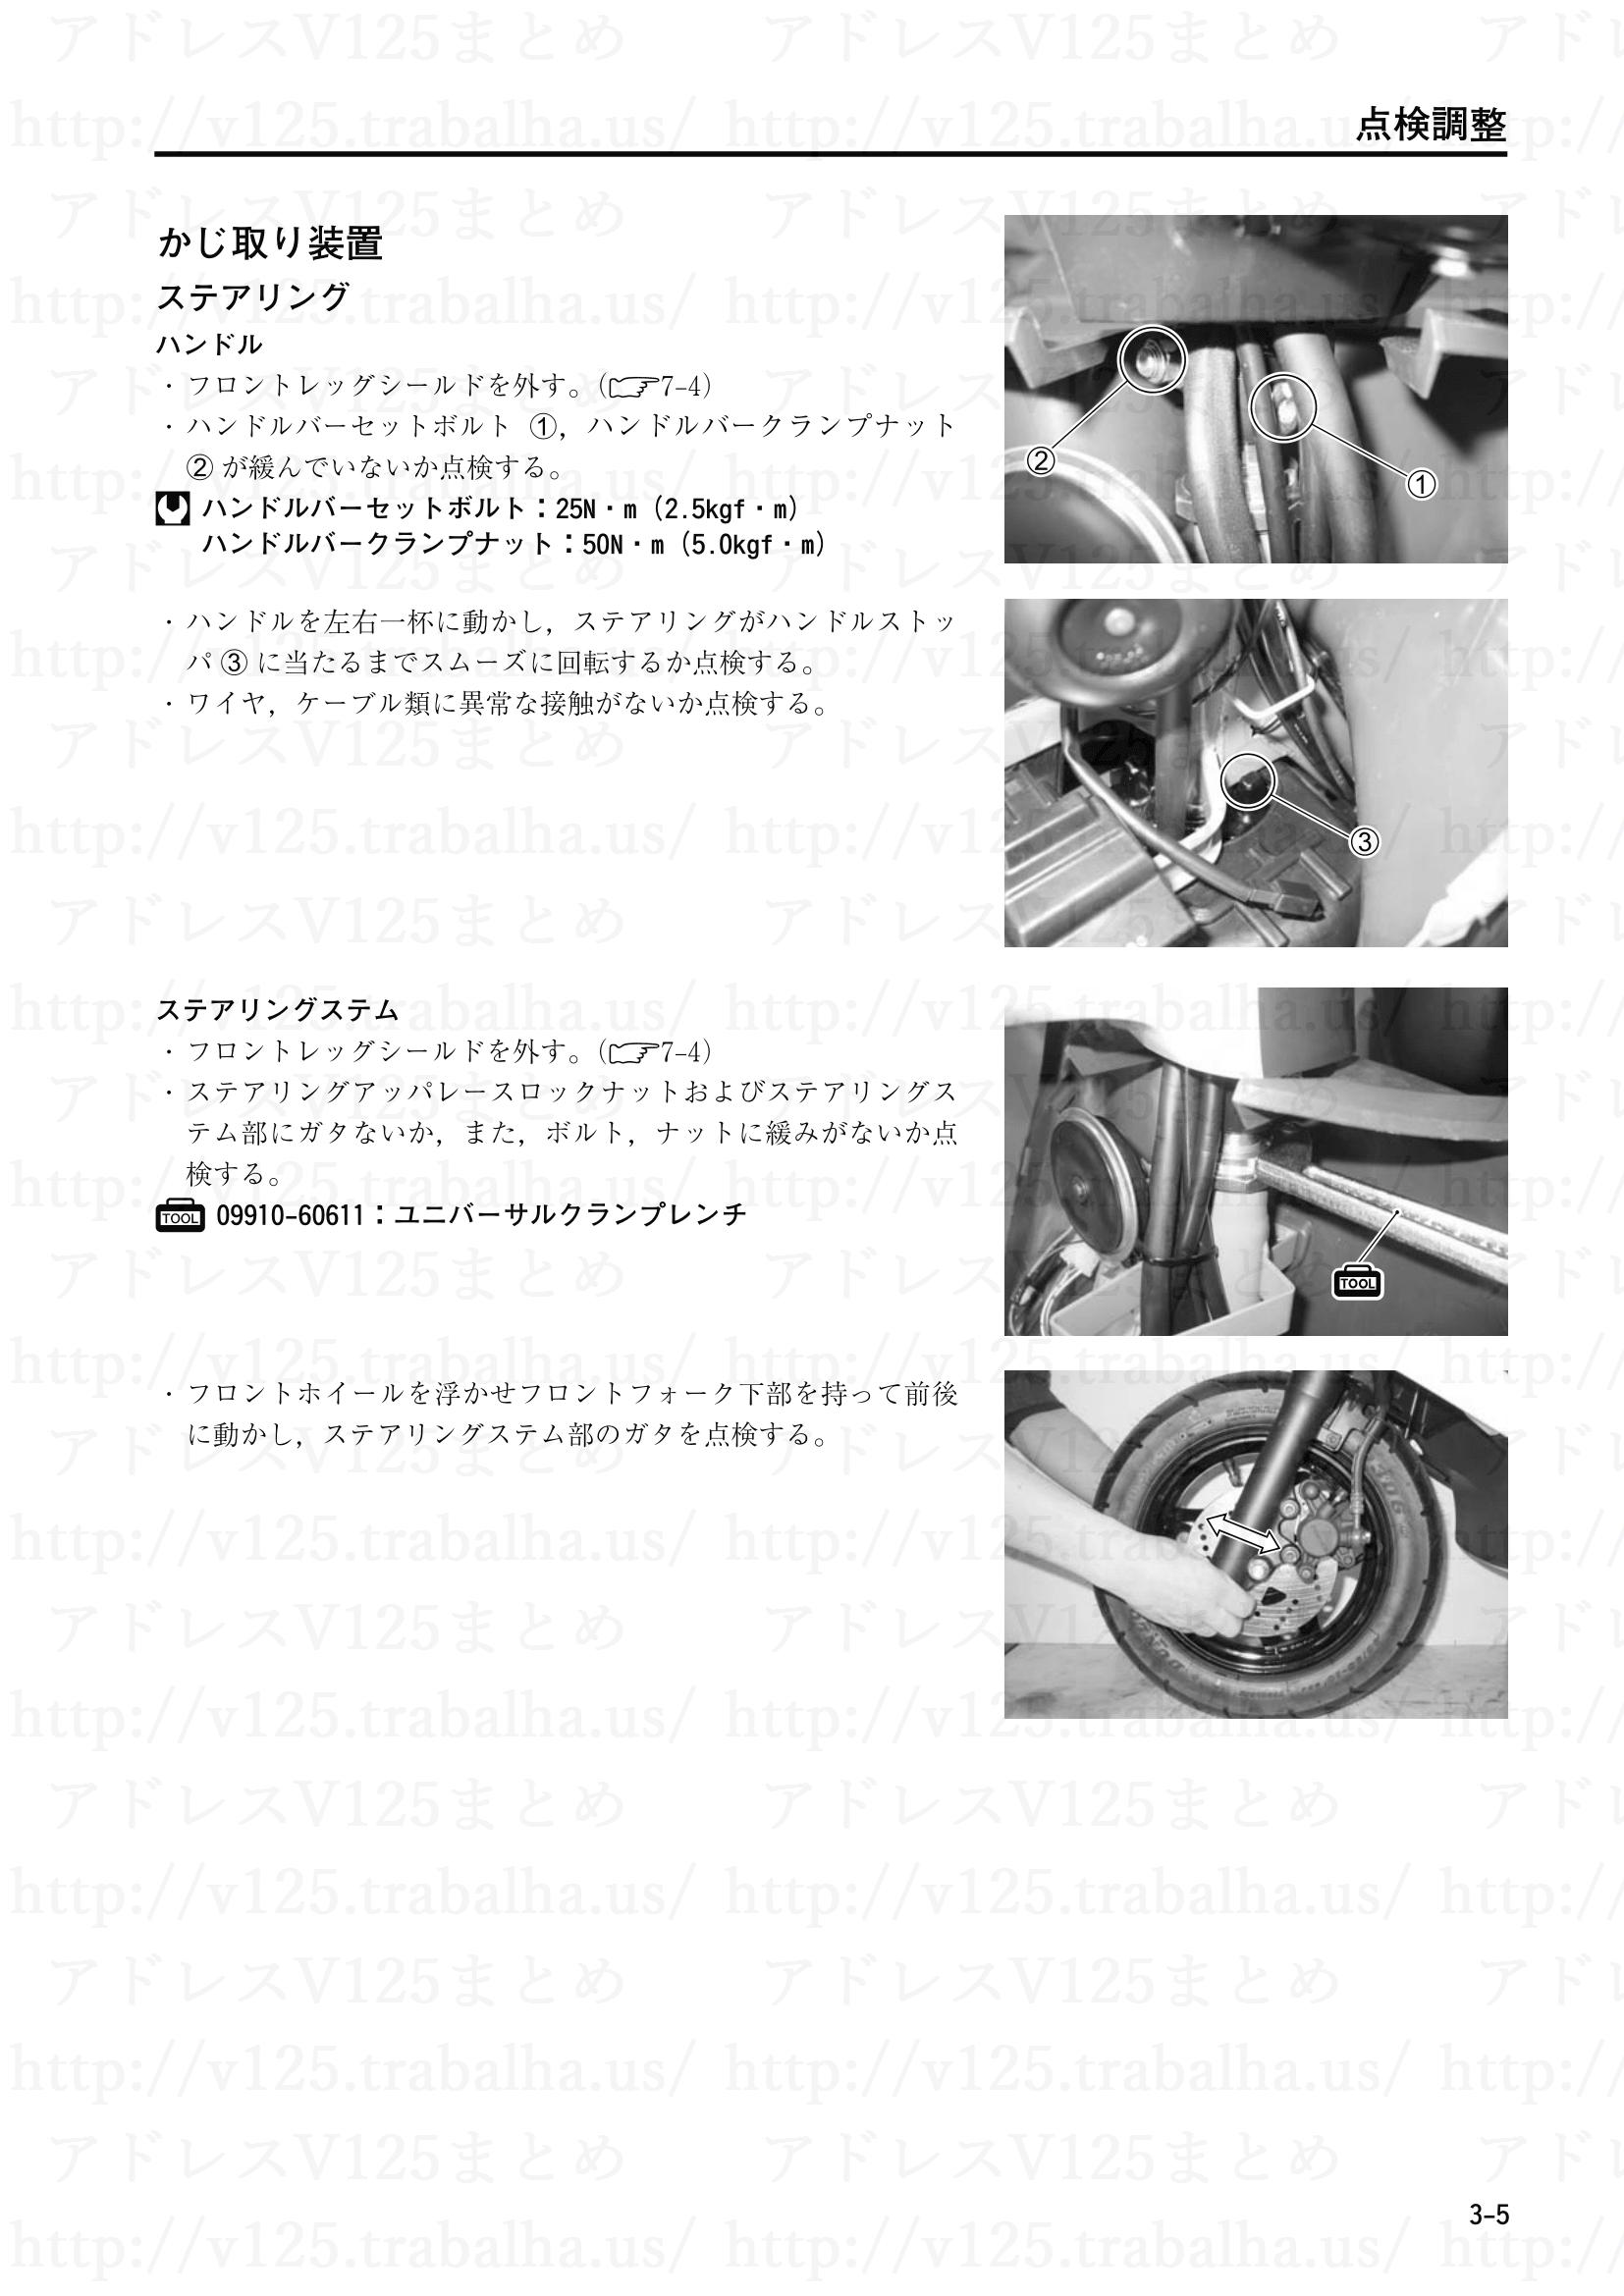 3-5【点検調整】かじ取り装置1